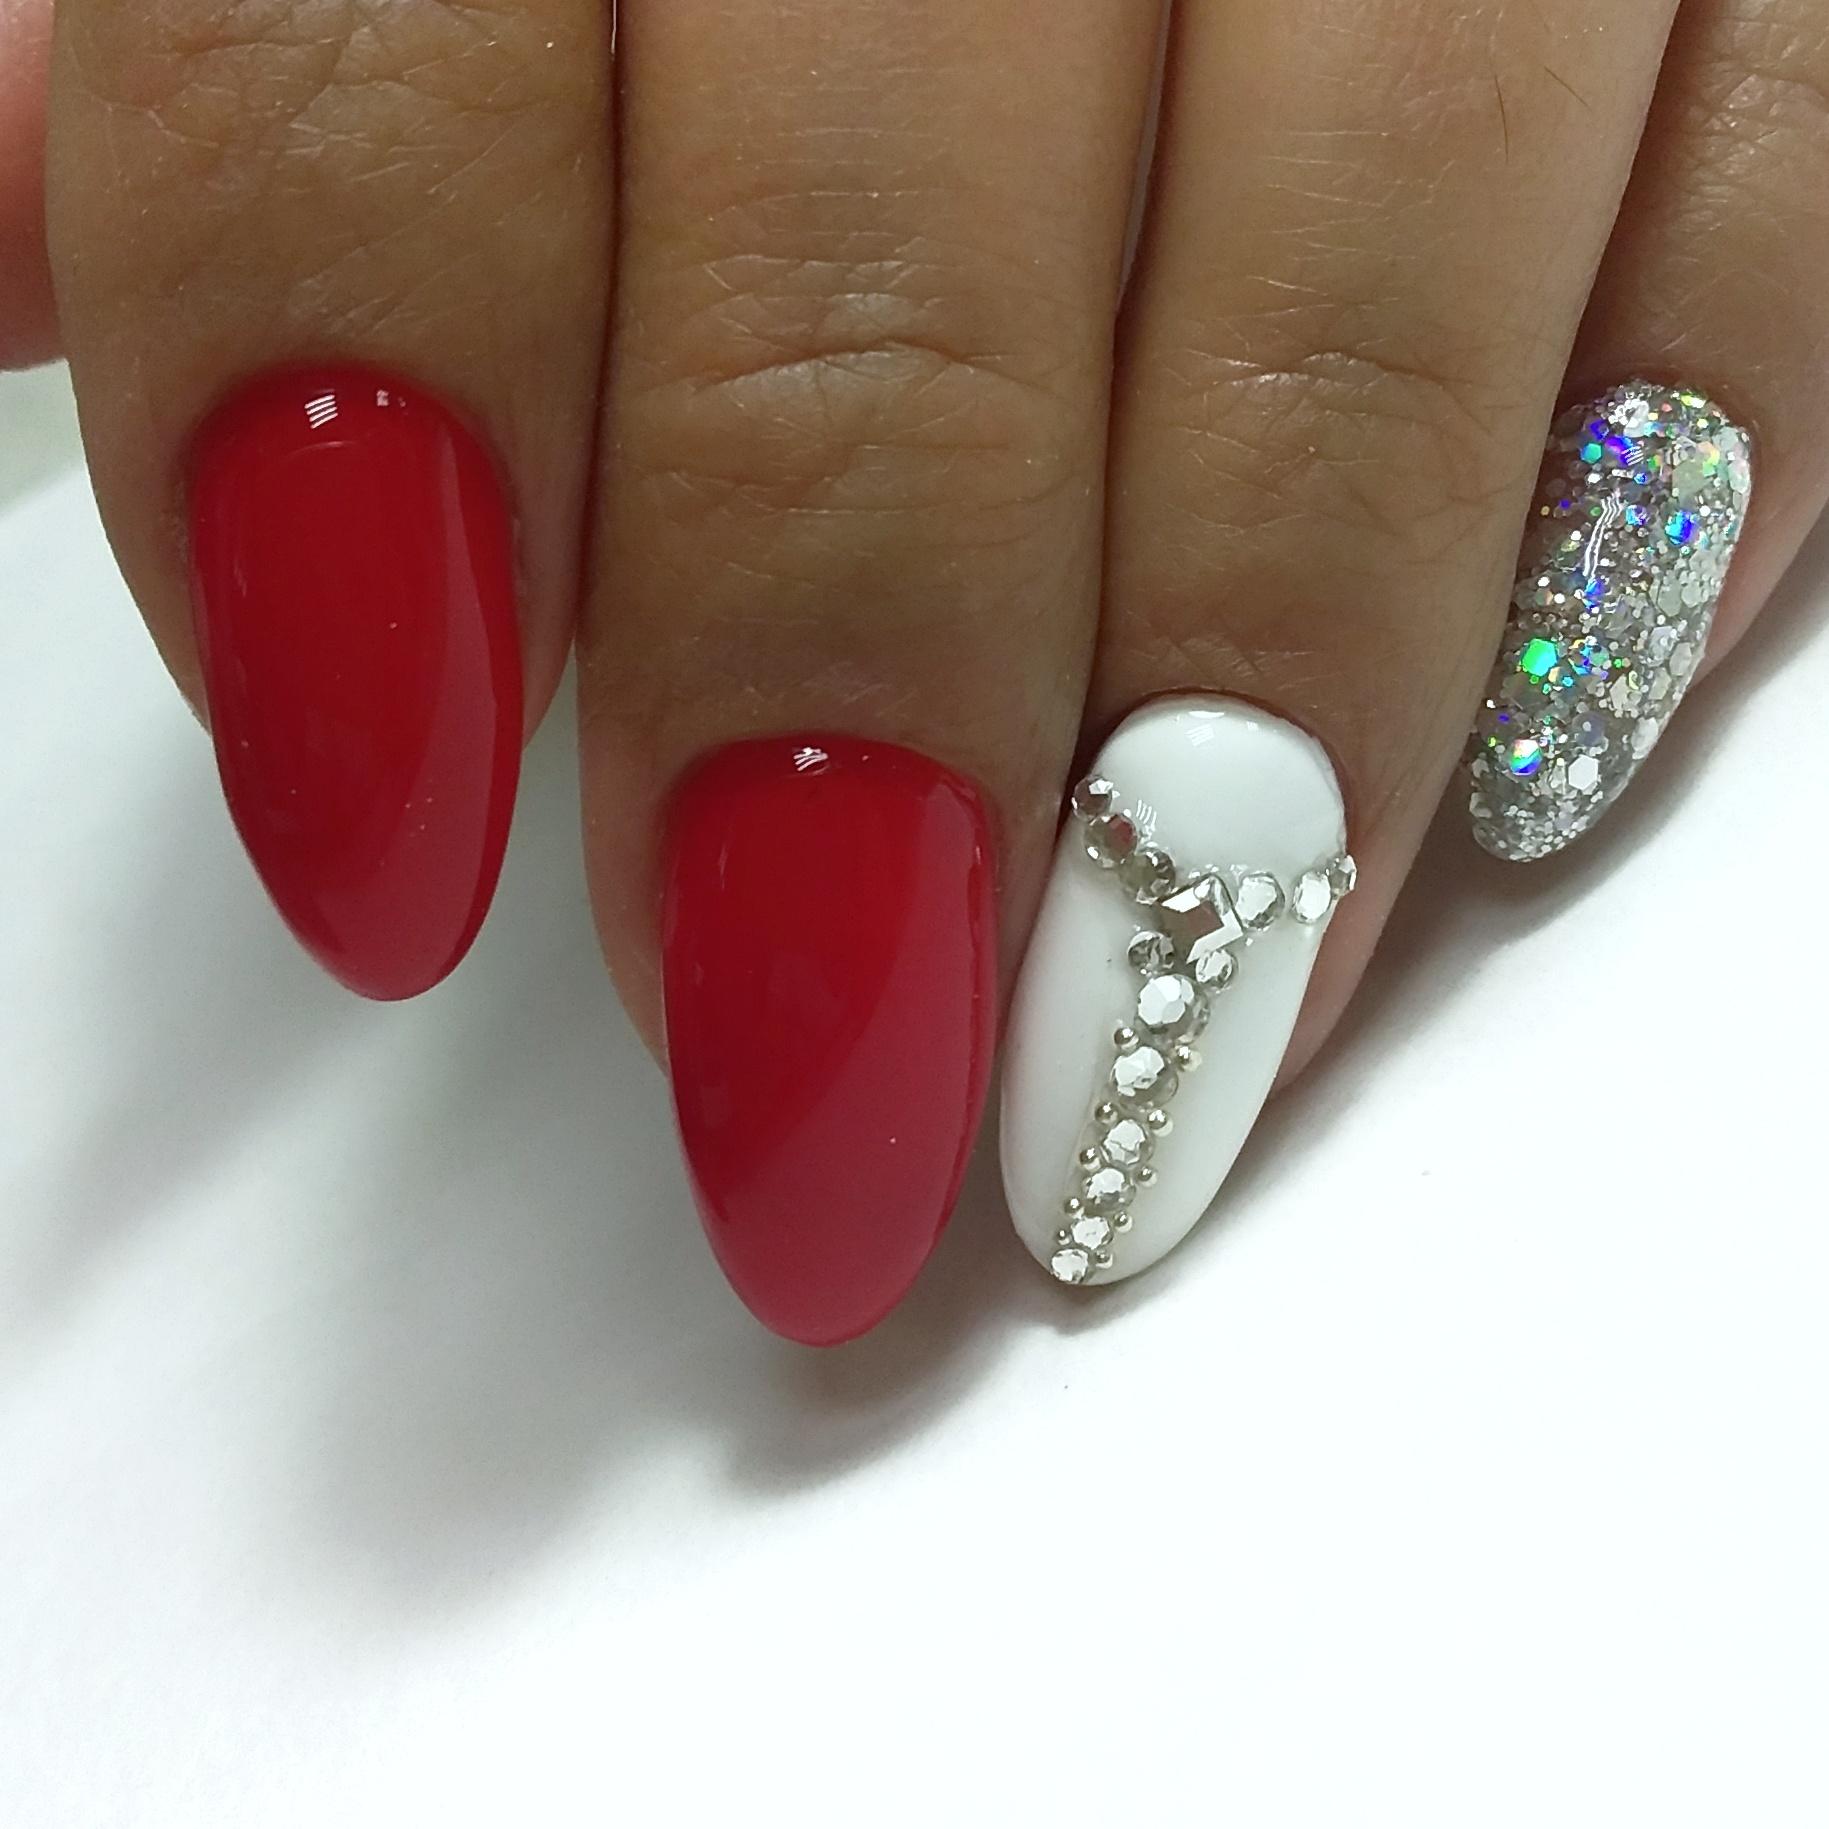 Маникюр в красном цвете с белым дизайном, серебряными блёстками и стразами.